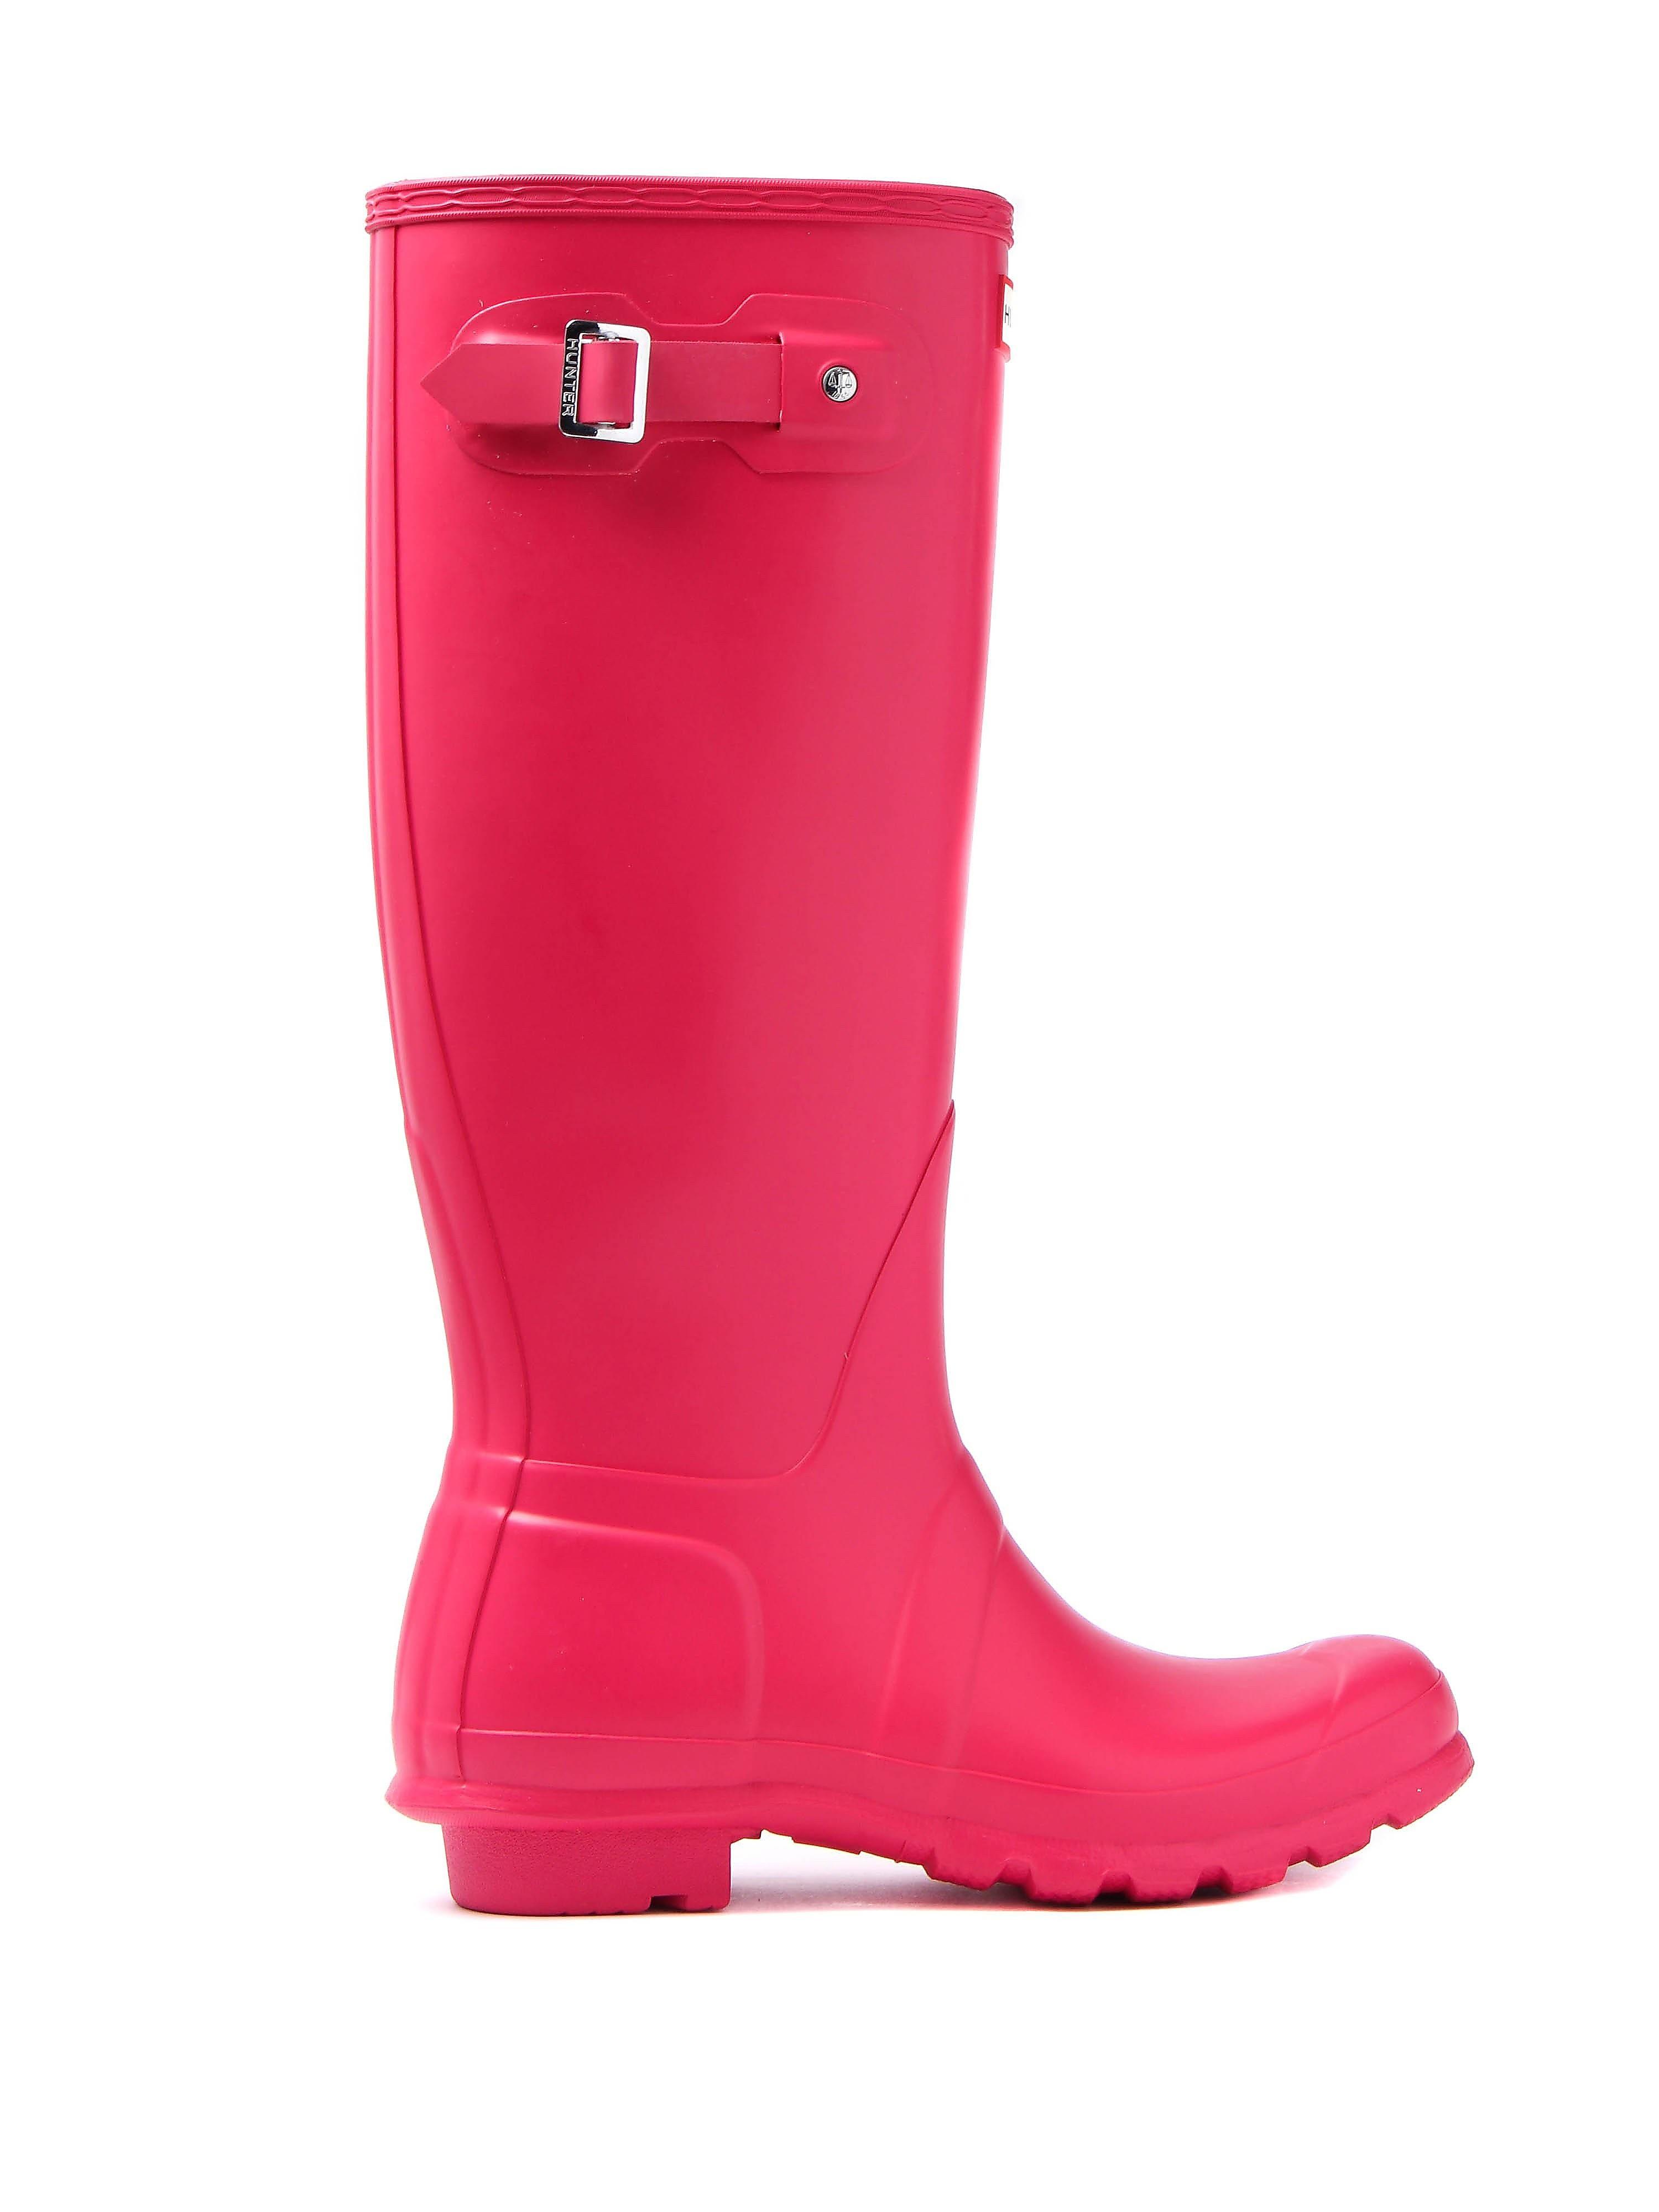 Hunter Wellies Women's Original Tall Wellington Boots - Bright Pink